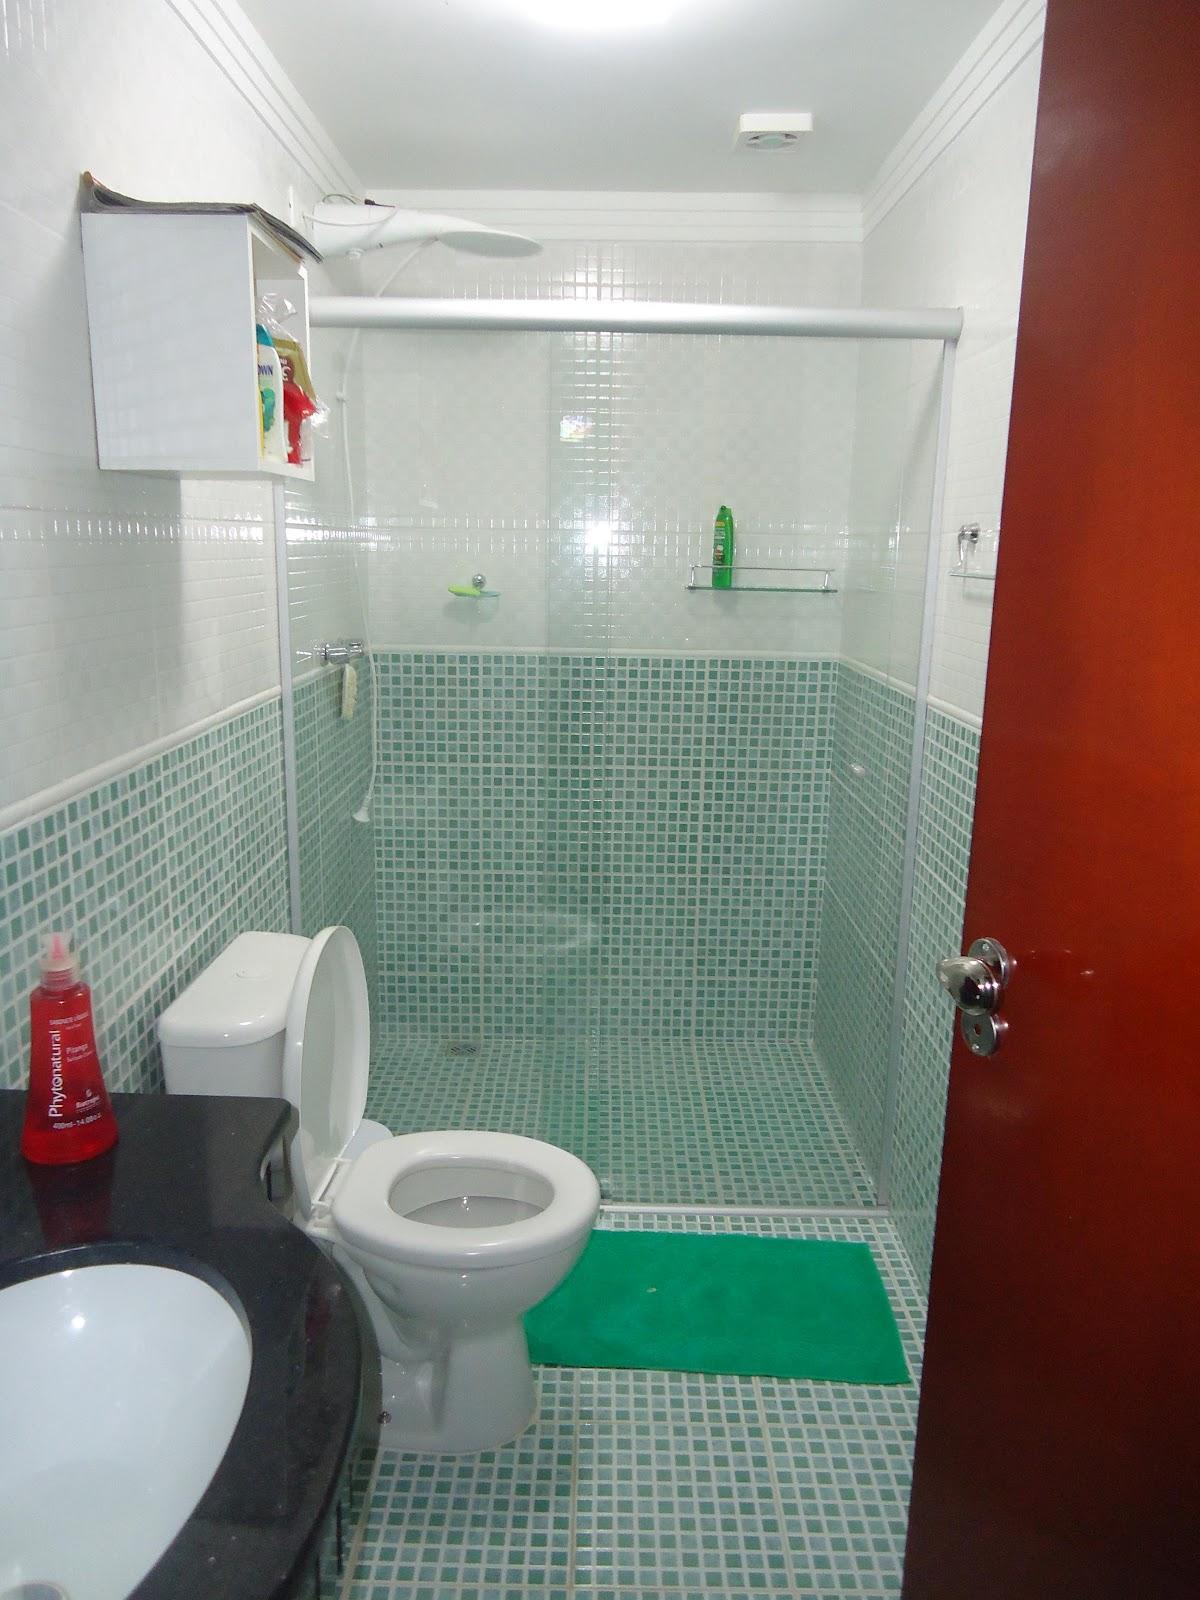 Nossa casa, nosso sonho Fotos da casa pós mudança -> Banheiro Simples Para Area De Lazer